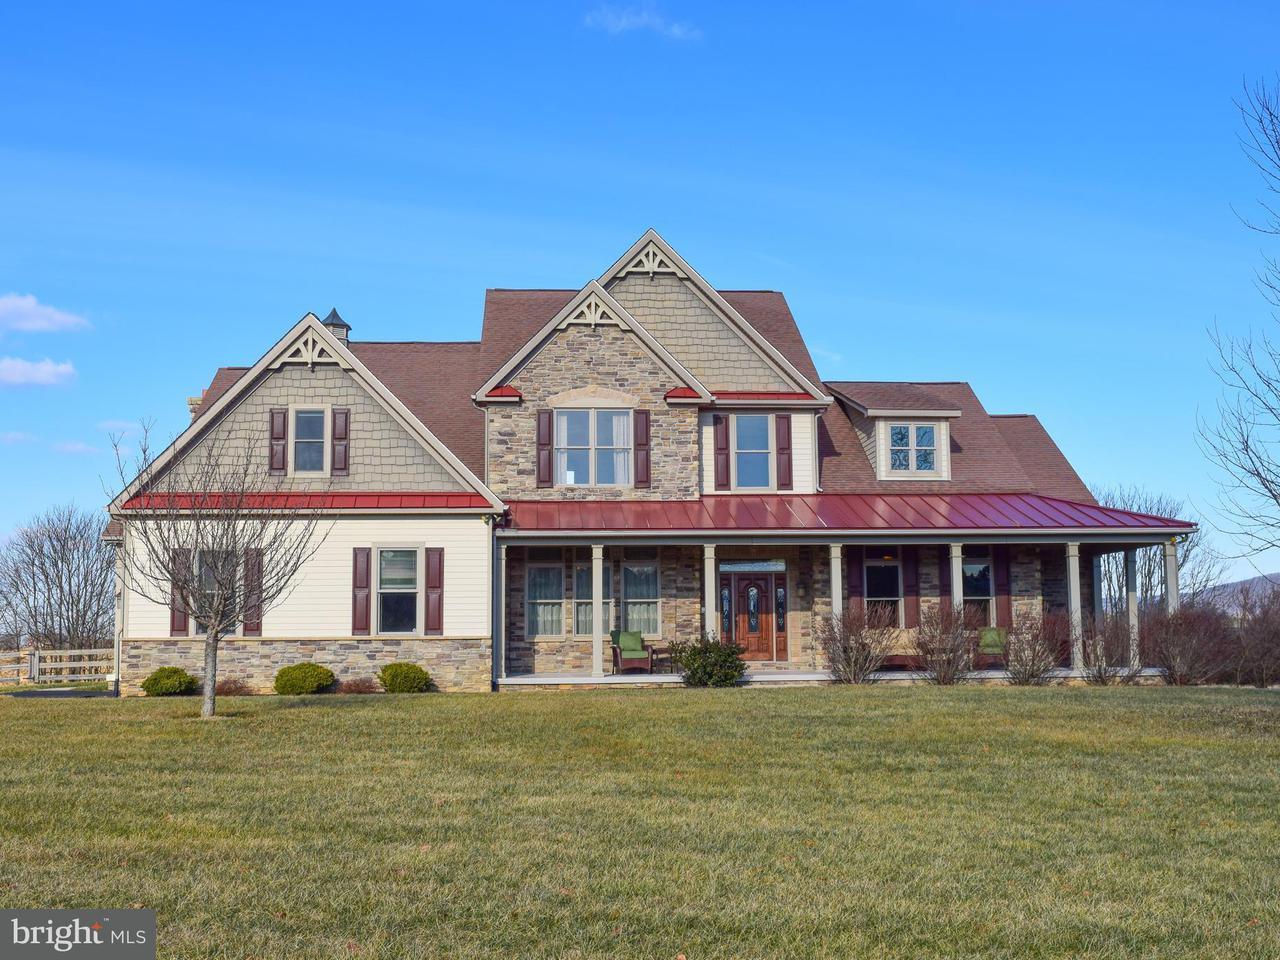 Maison unifamiliale pour l Vente à 20112 Stone Ct W 20112 Stone Ct W Keedysville, Maryland 21756 États-Unis